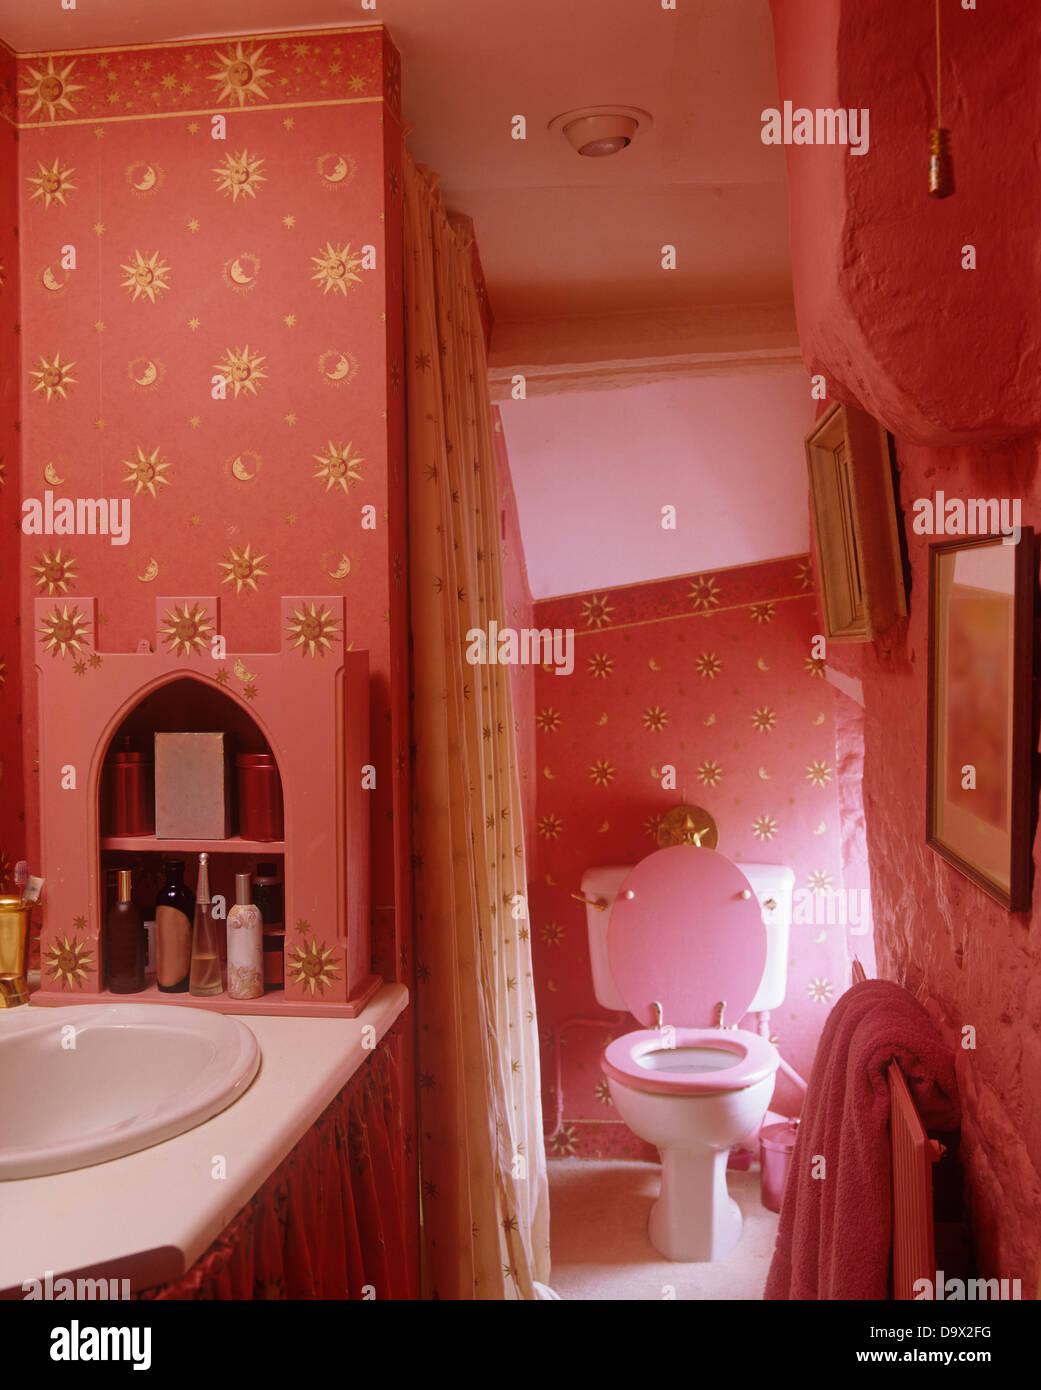 Waschbecken im Badezimmer mit tief rosa Tapete mit gold Stern